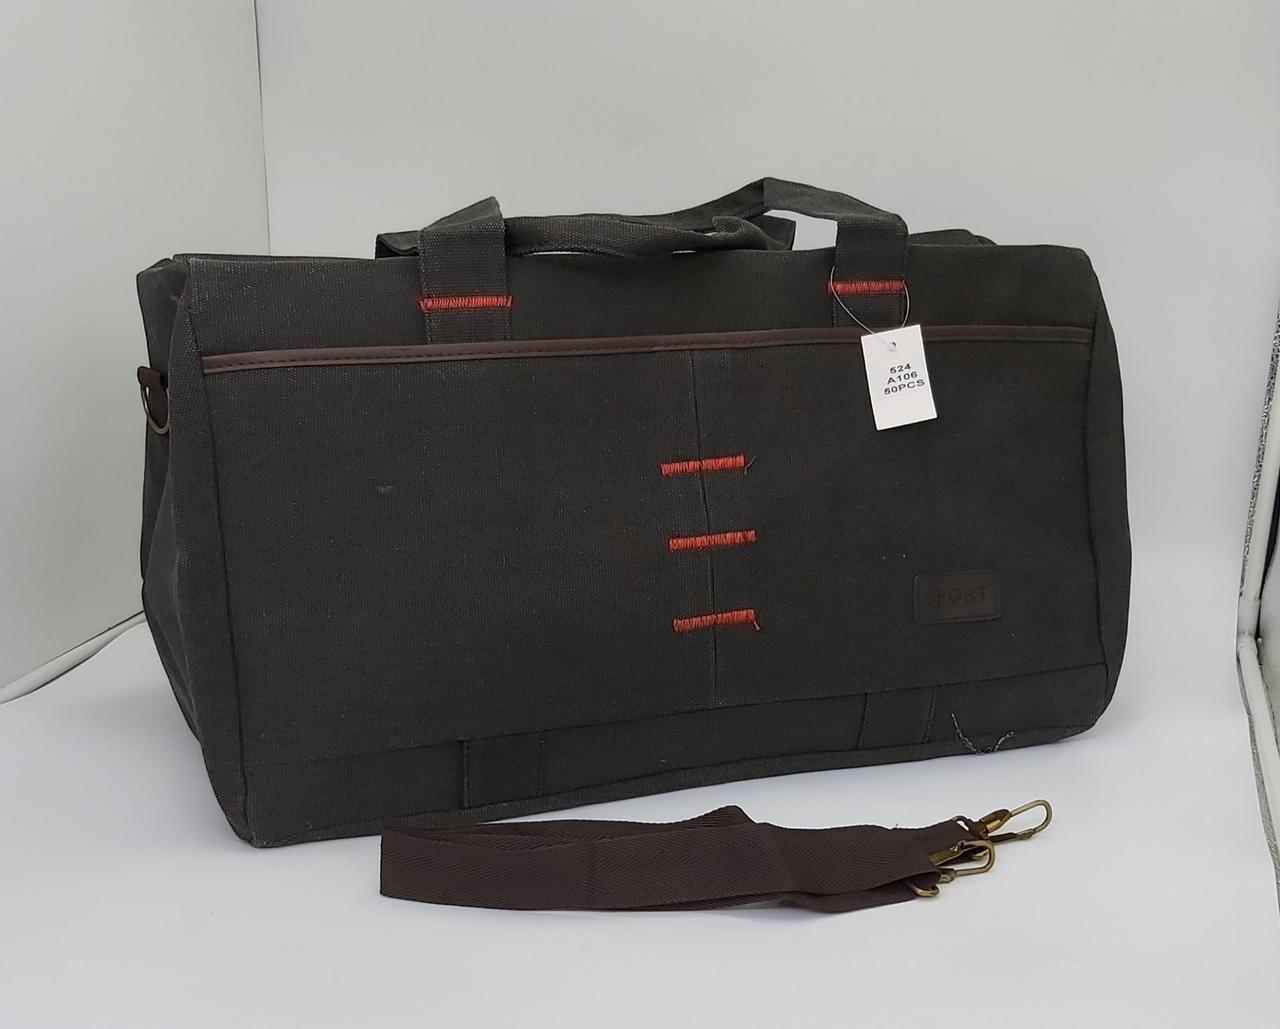 Холщовая сумка, дорожная 55×32×30 см